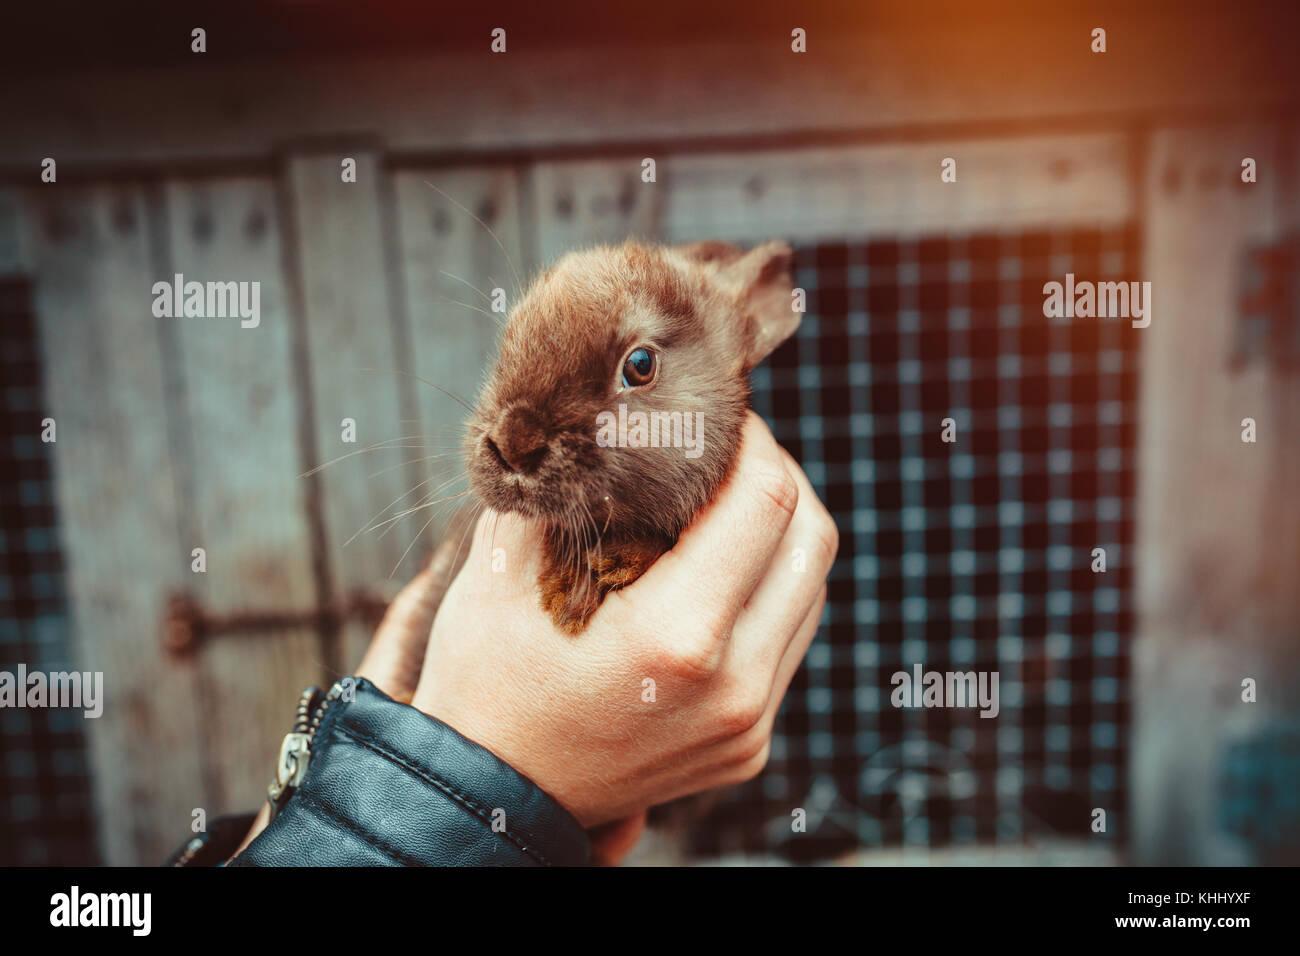 Baby bunny en la mano Imagen De Stock